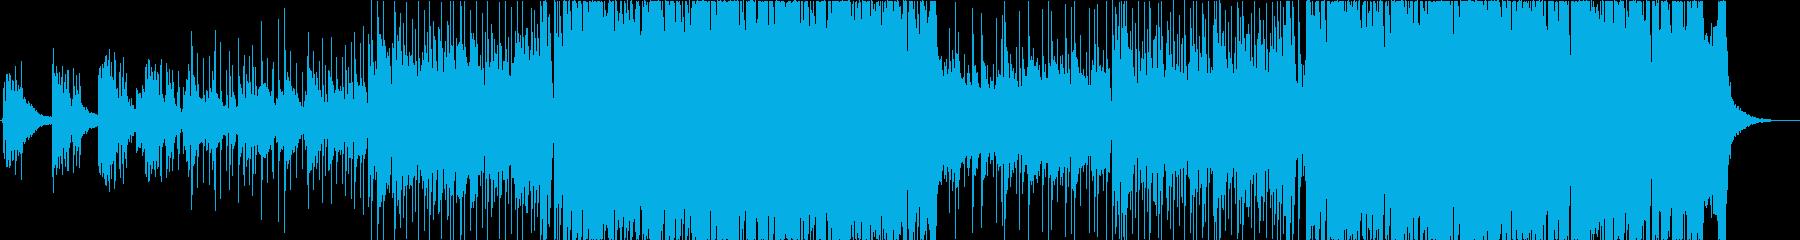 おしゃれなインストバンド系ピアノロックの再生済みの波形